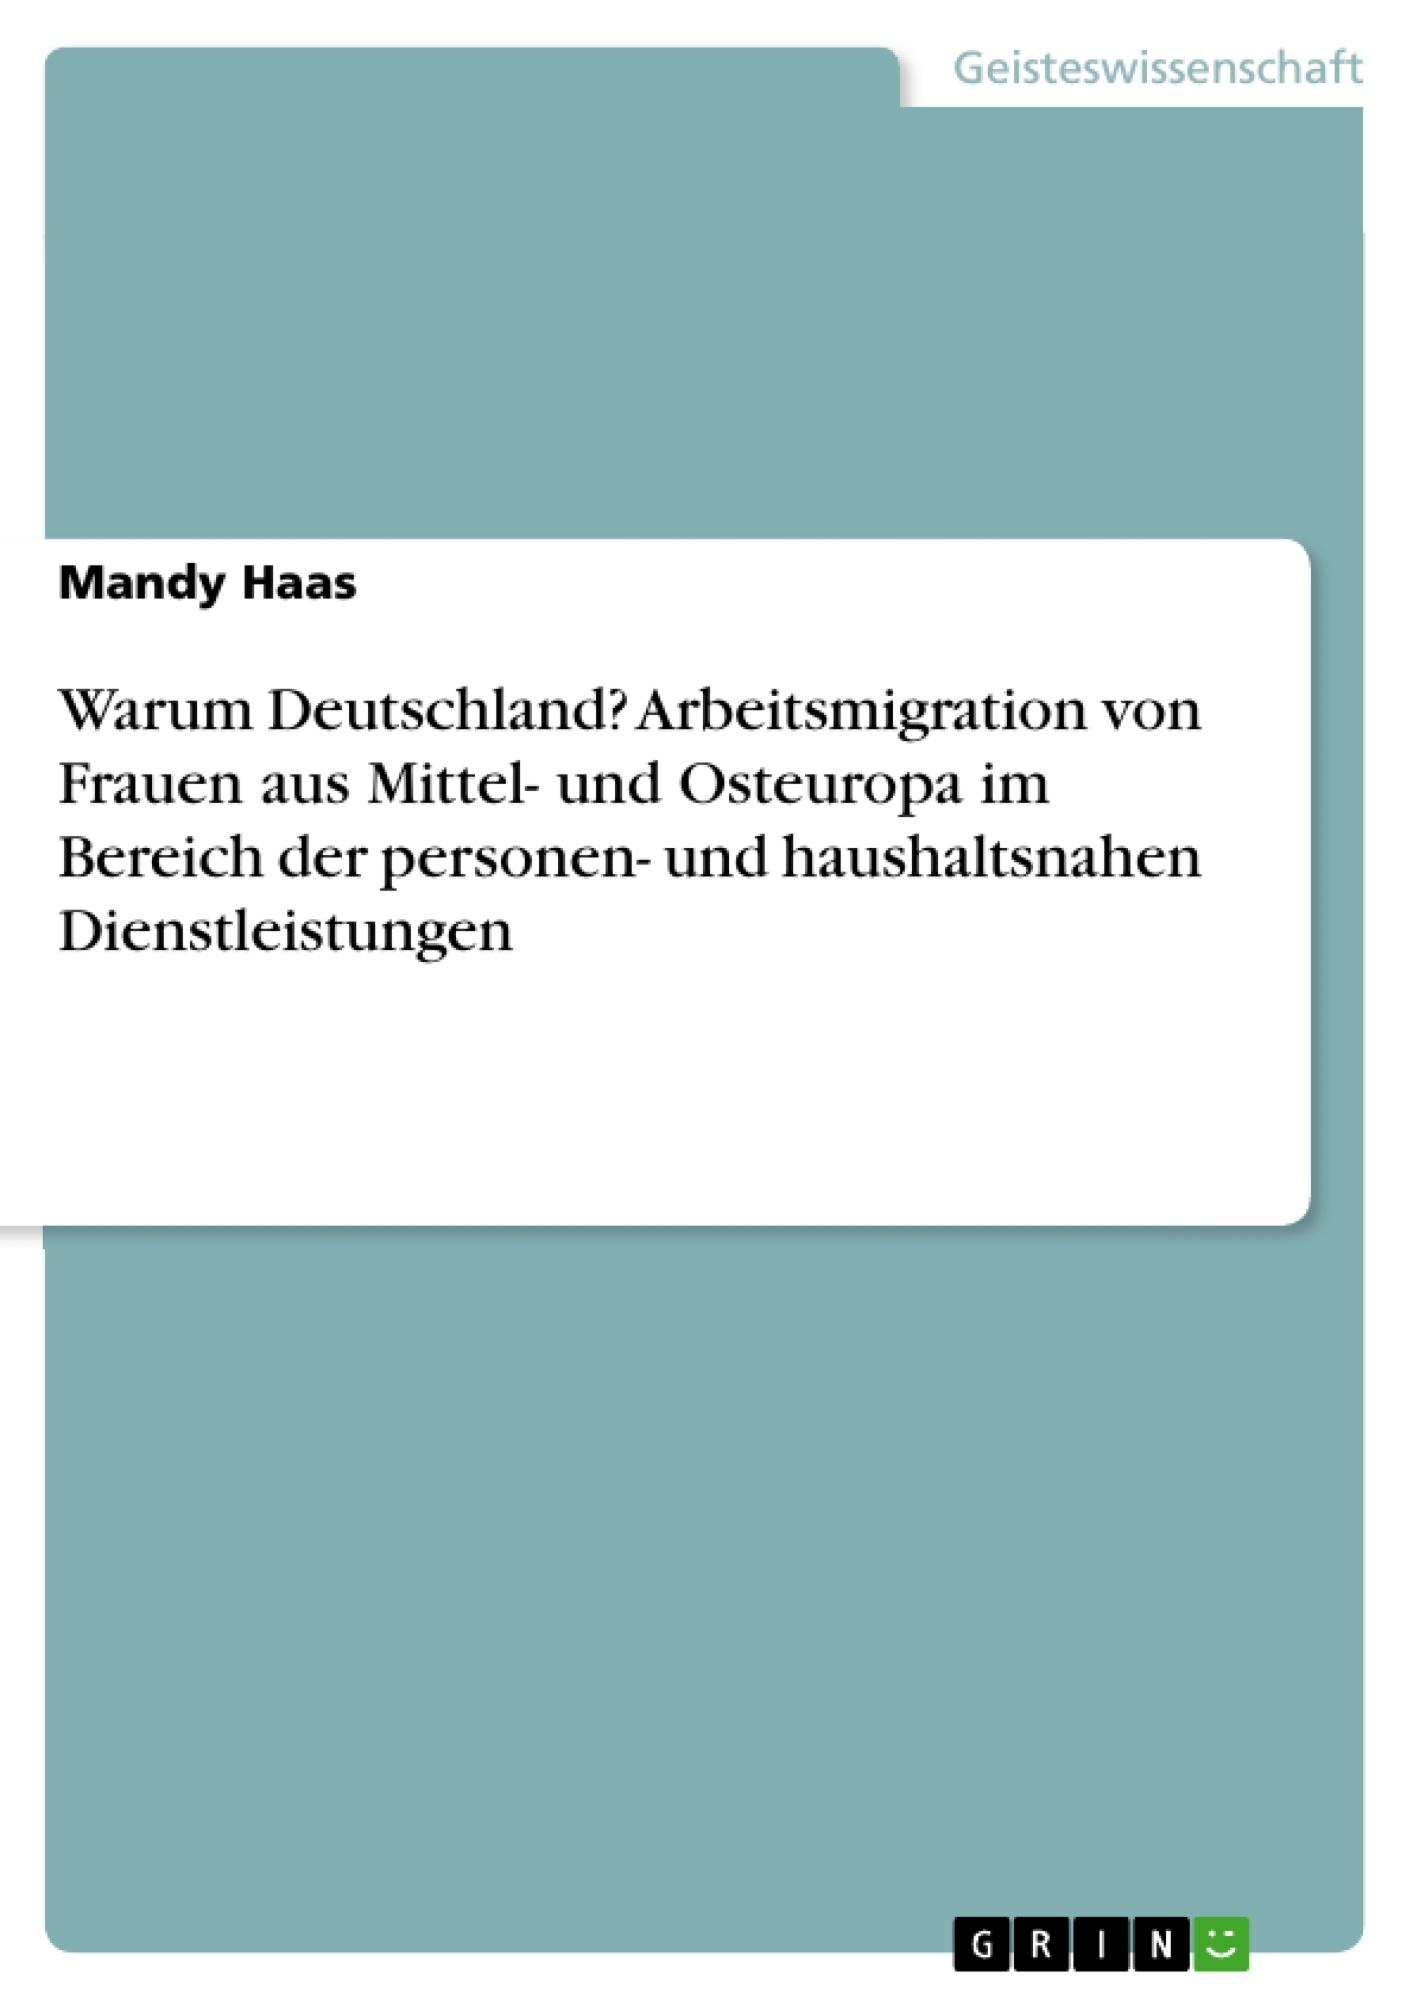 Titel: Warum Deutschland?  Arbeitsmigration von Frauen aus Mittel- und Osteuropa im Bereich der personen- und haushaltsnahen Dienstleistungen